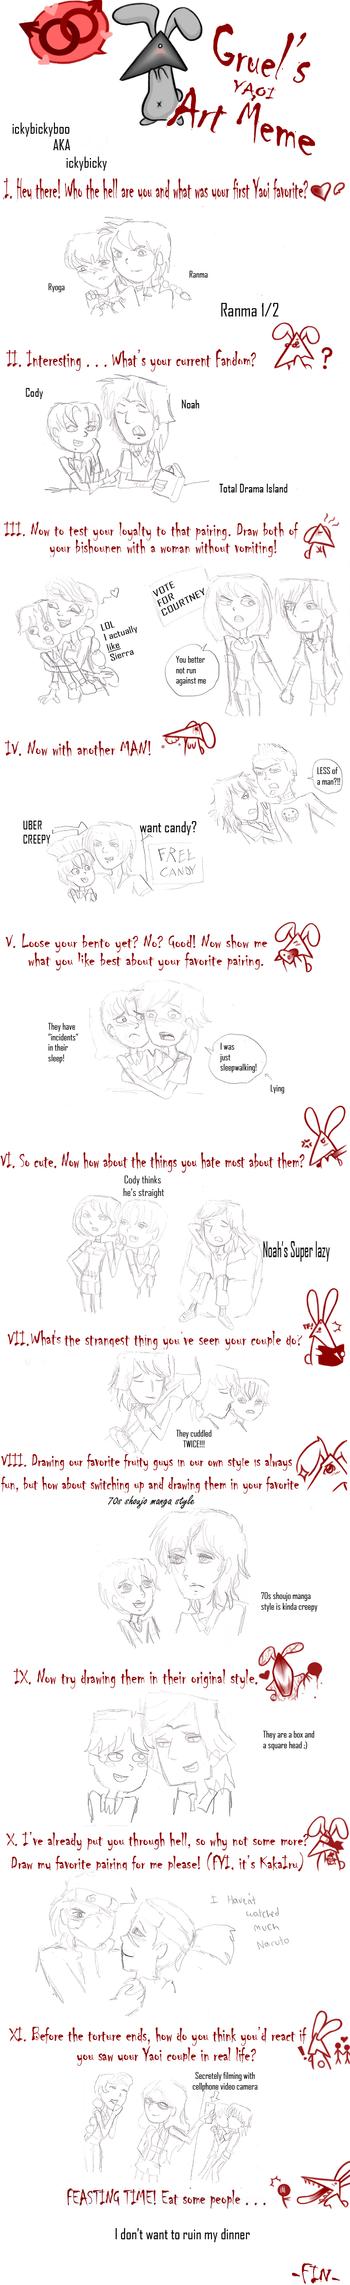 NoCo yaoi art meme-ickybicky by ickybickyboo